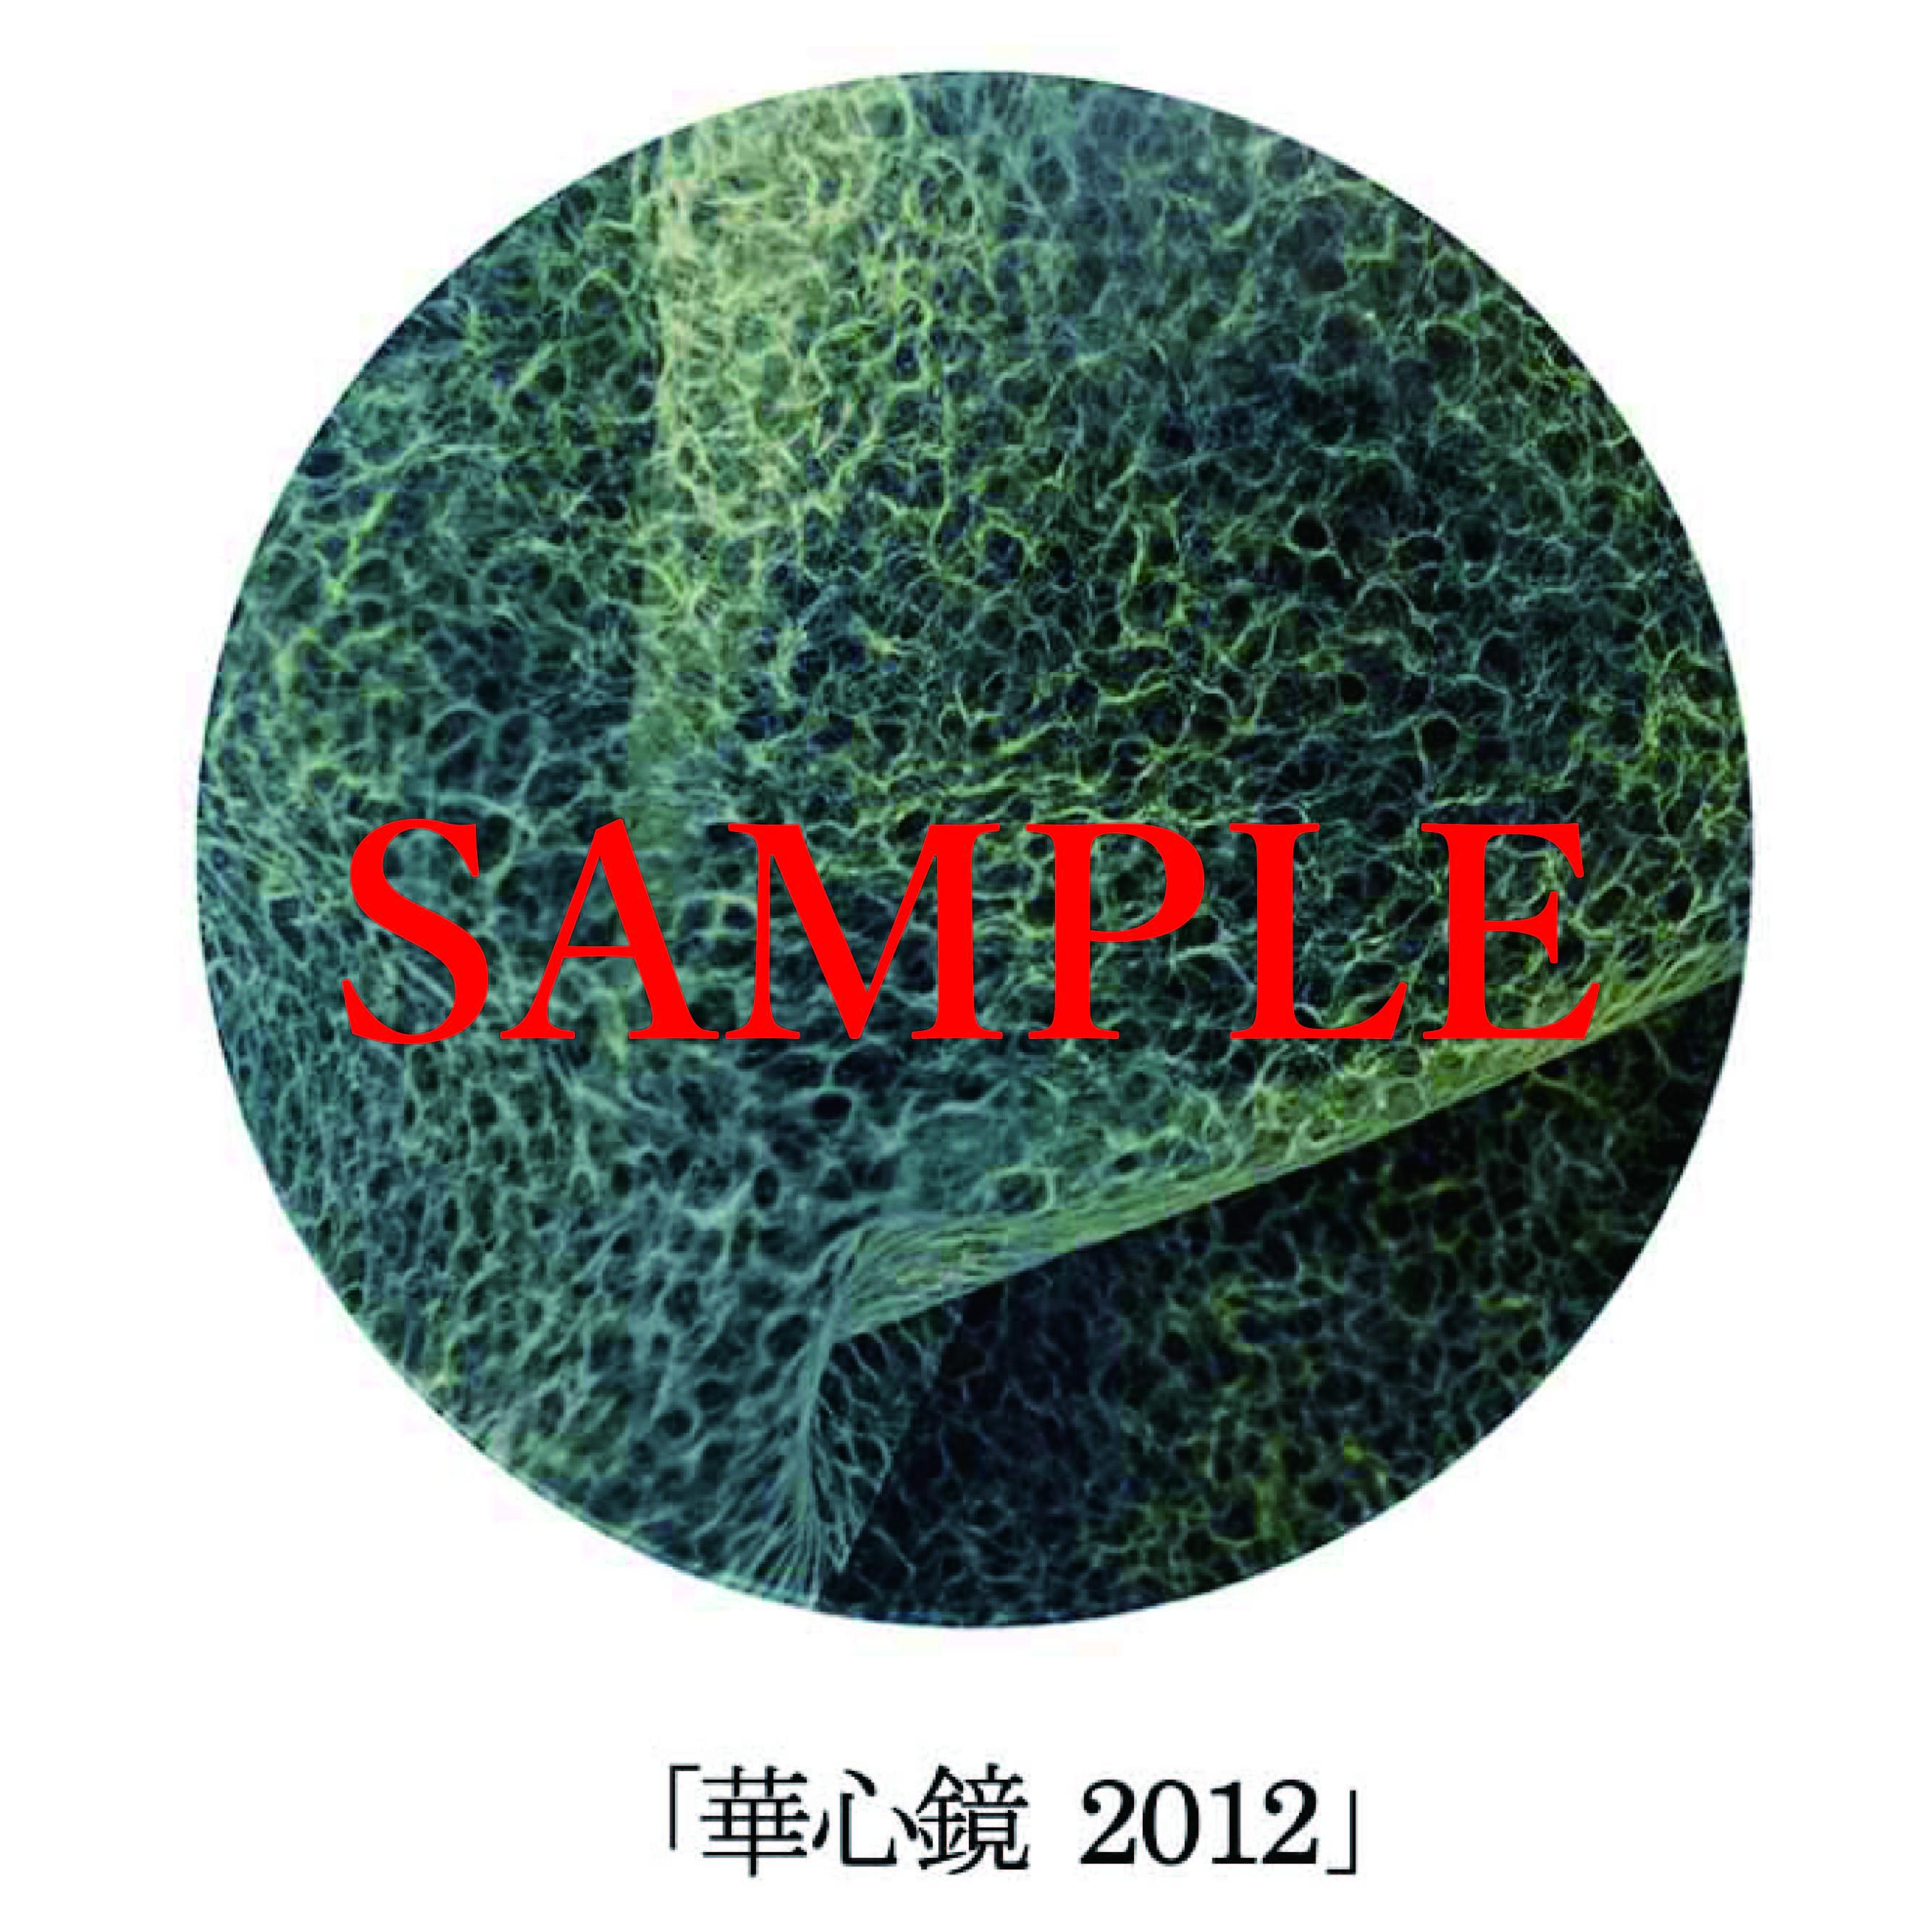 「華心鏡2012」【井坂健一郎作品華心鏡(かしんきょう)シリーズ】